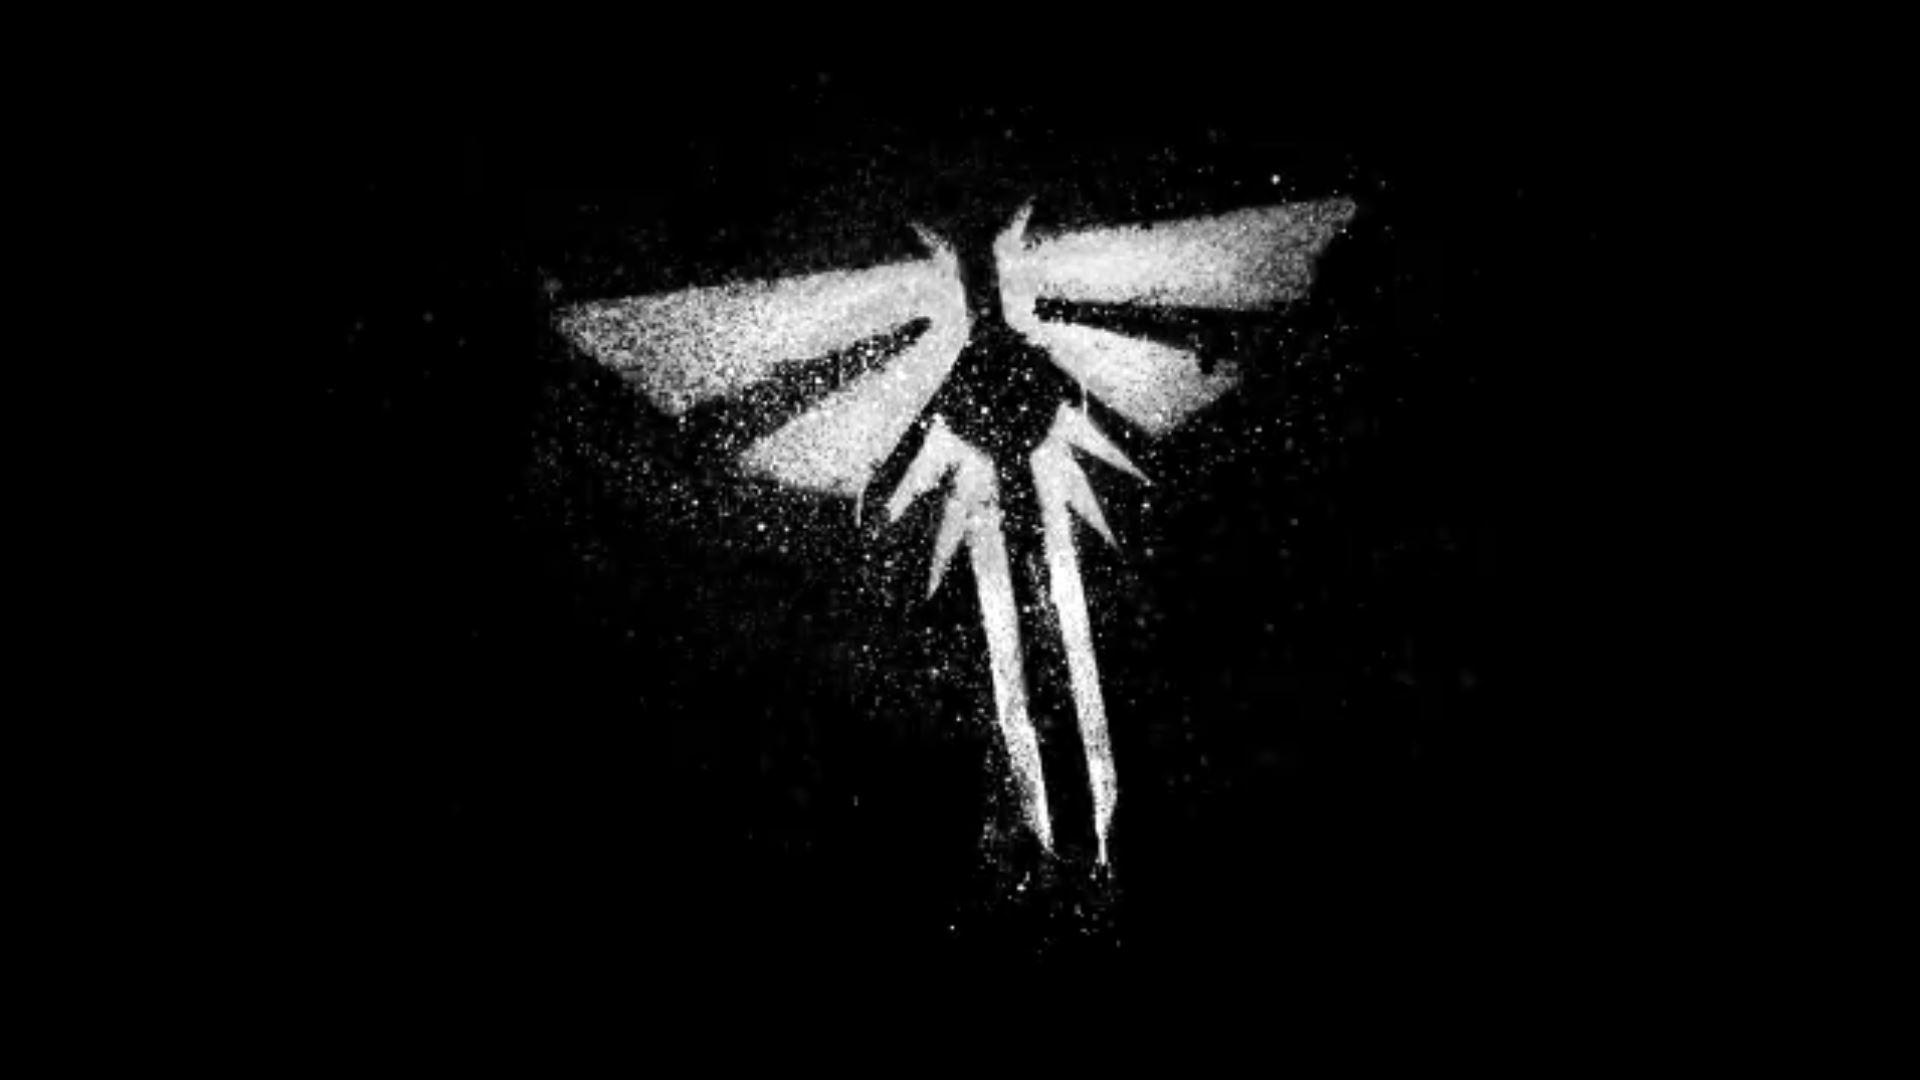 نیل دراکمن: ساخت اقتباس سریالی The Last of Us چالش جالبی است - بازی سنتر